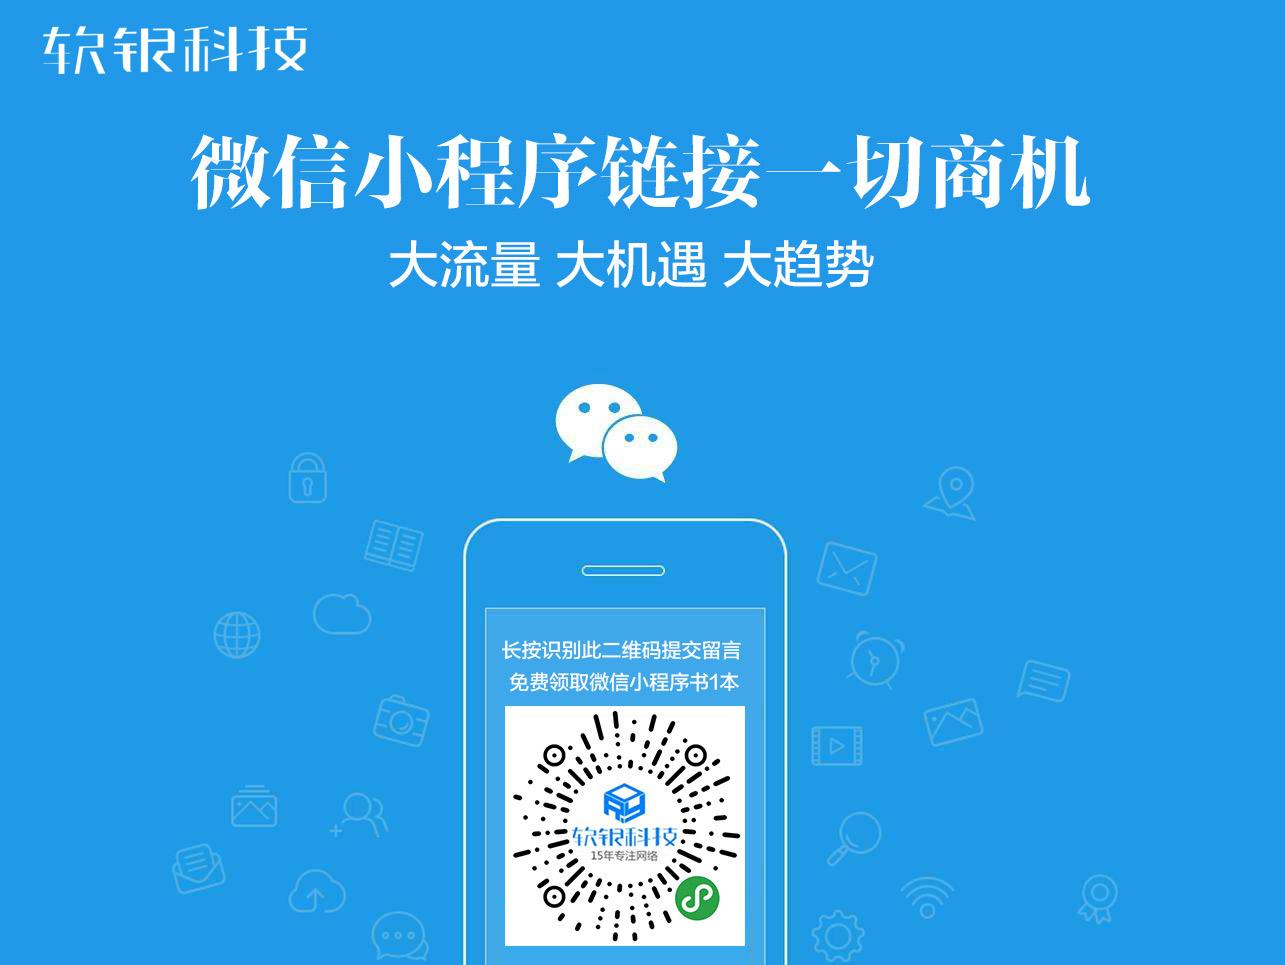 微信小彩立方平台官网势不可挡!